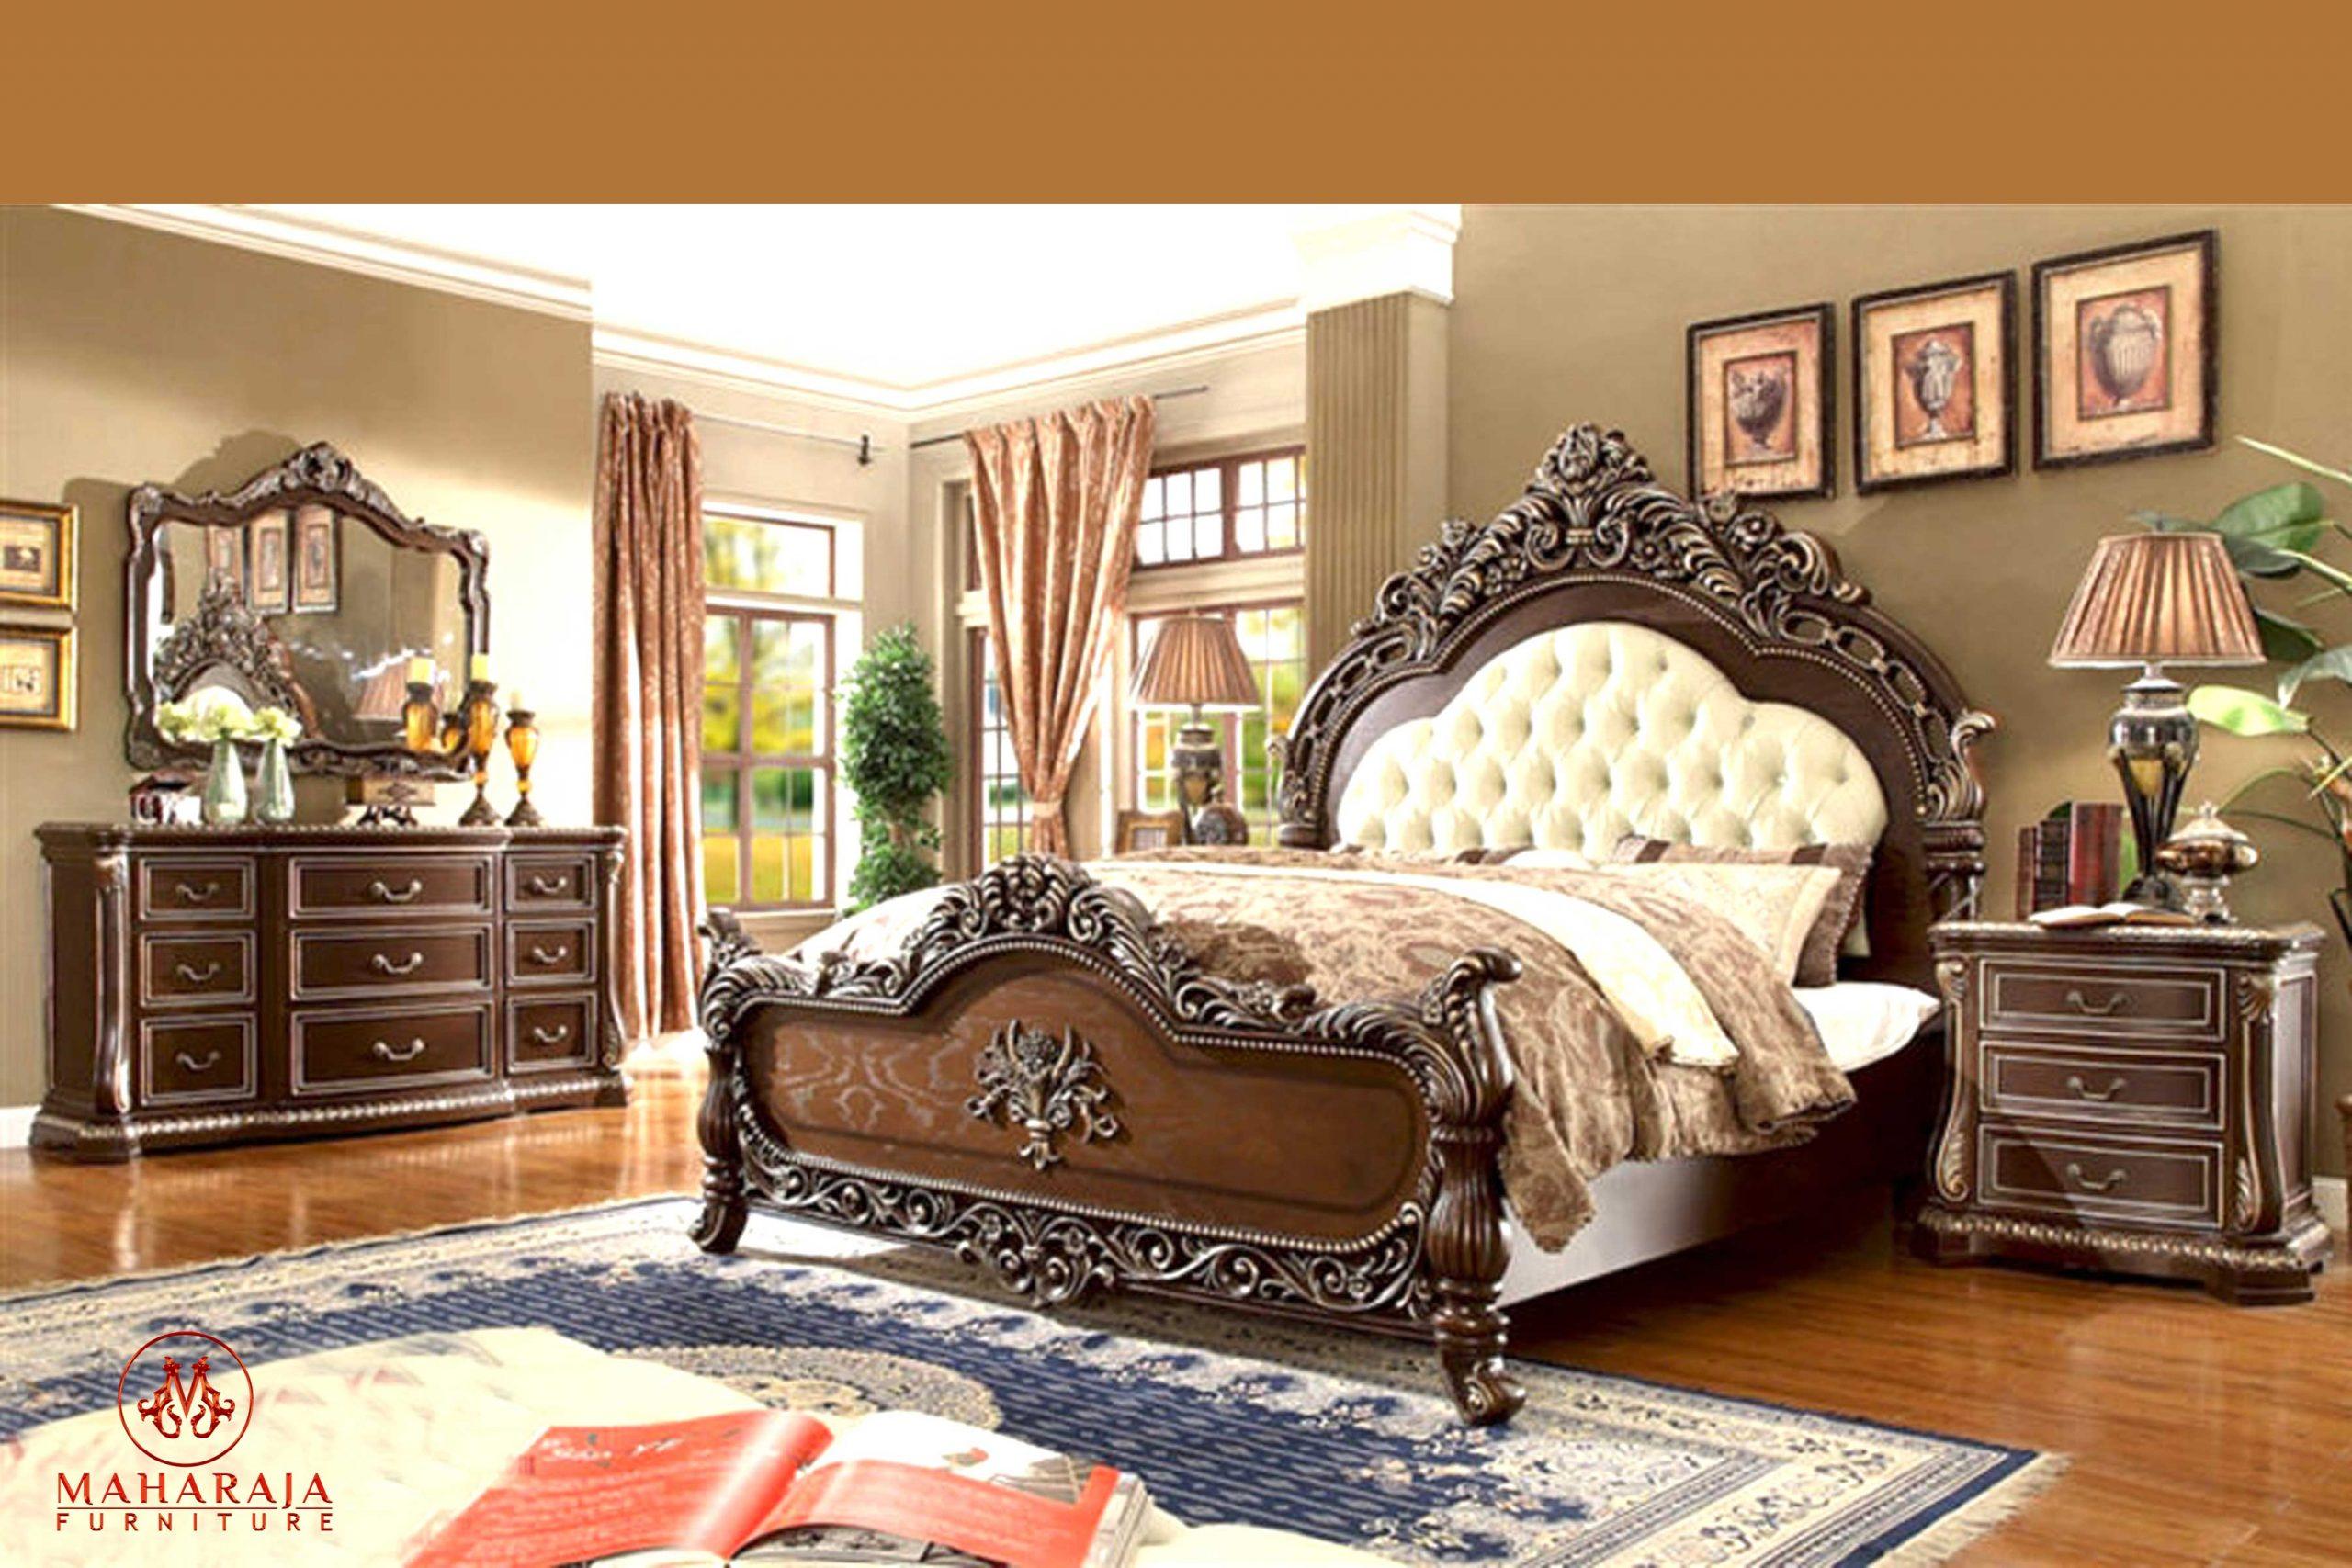 bed-set-bedroom-furniture-Antique-handcrafted